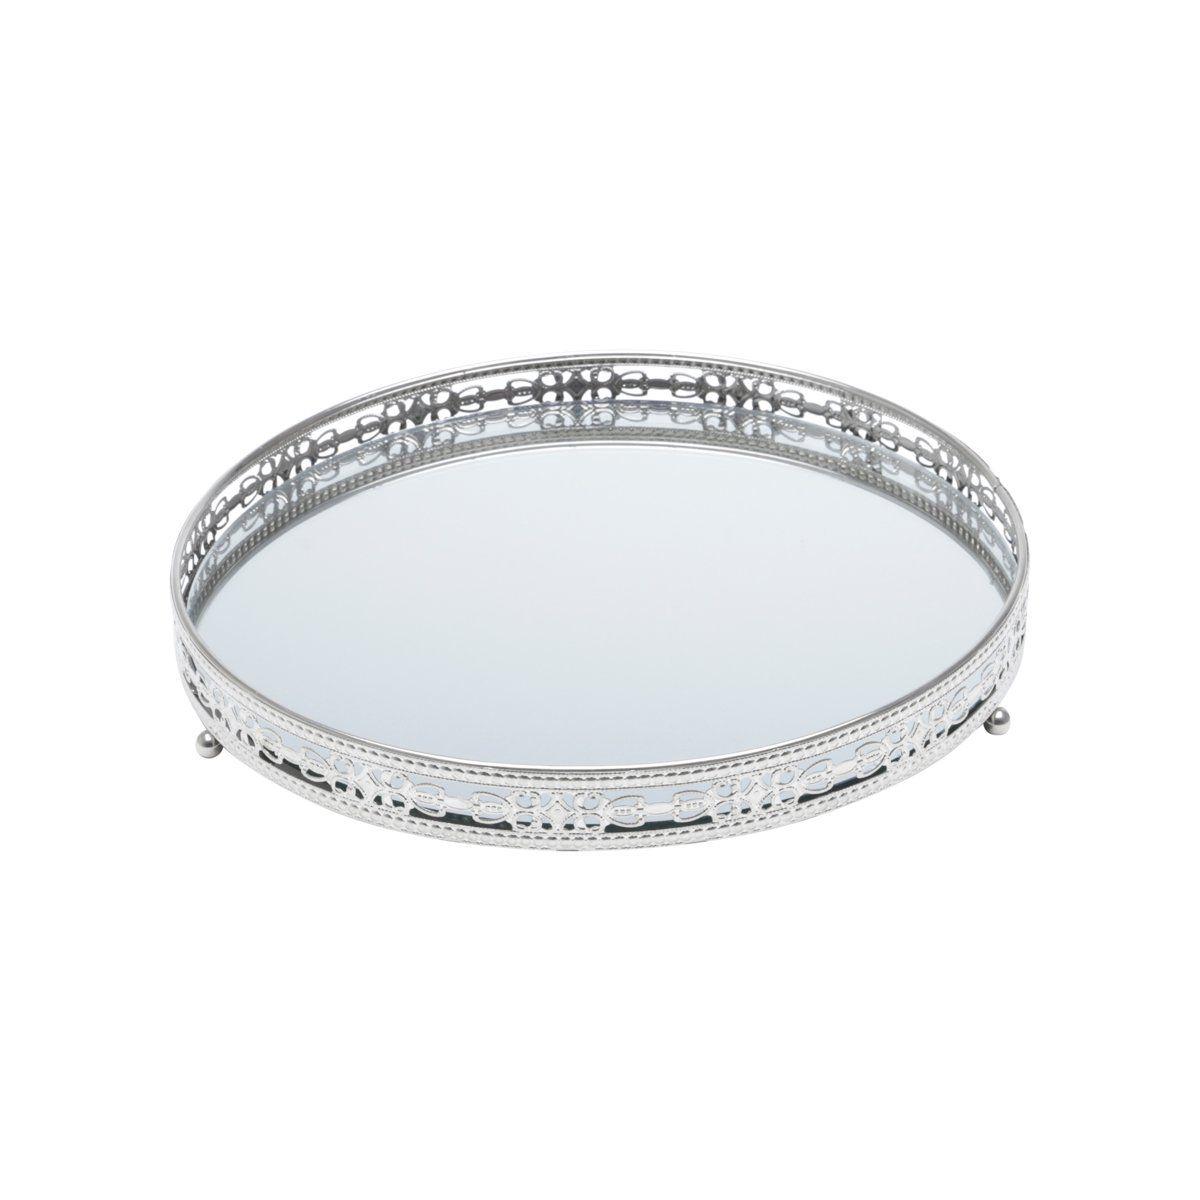 Bandeja suporte 29 cm de ferro prata com espelho Bunch Wolff - 27211